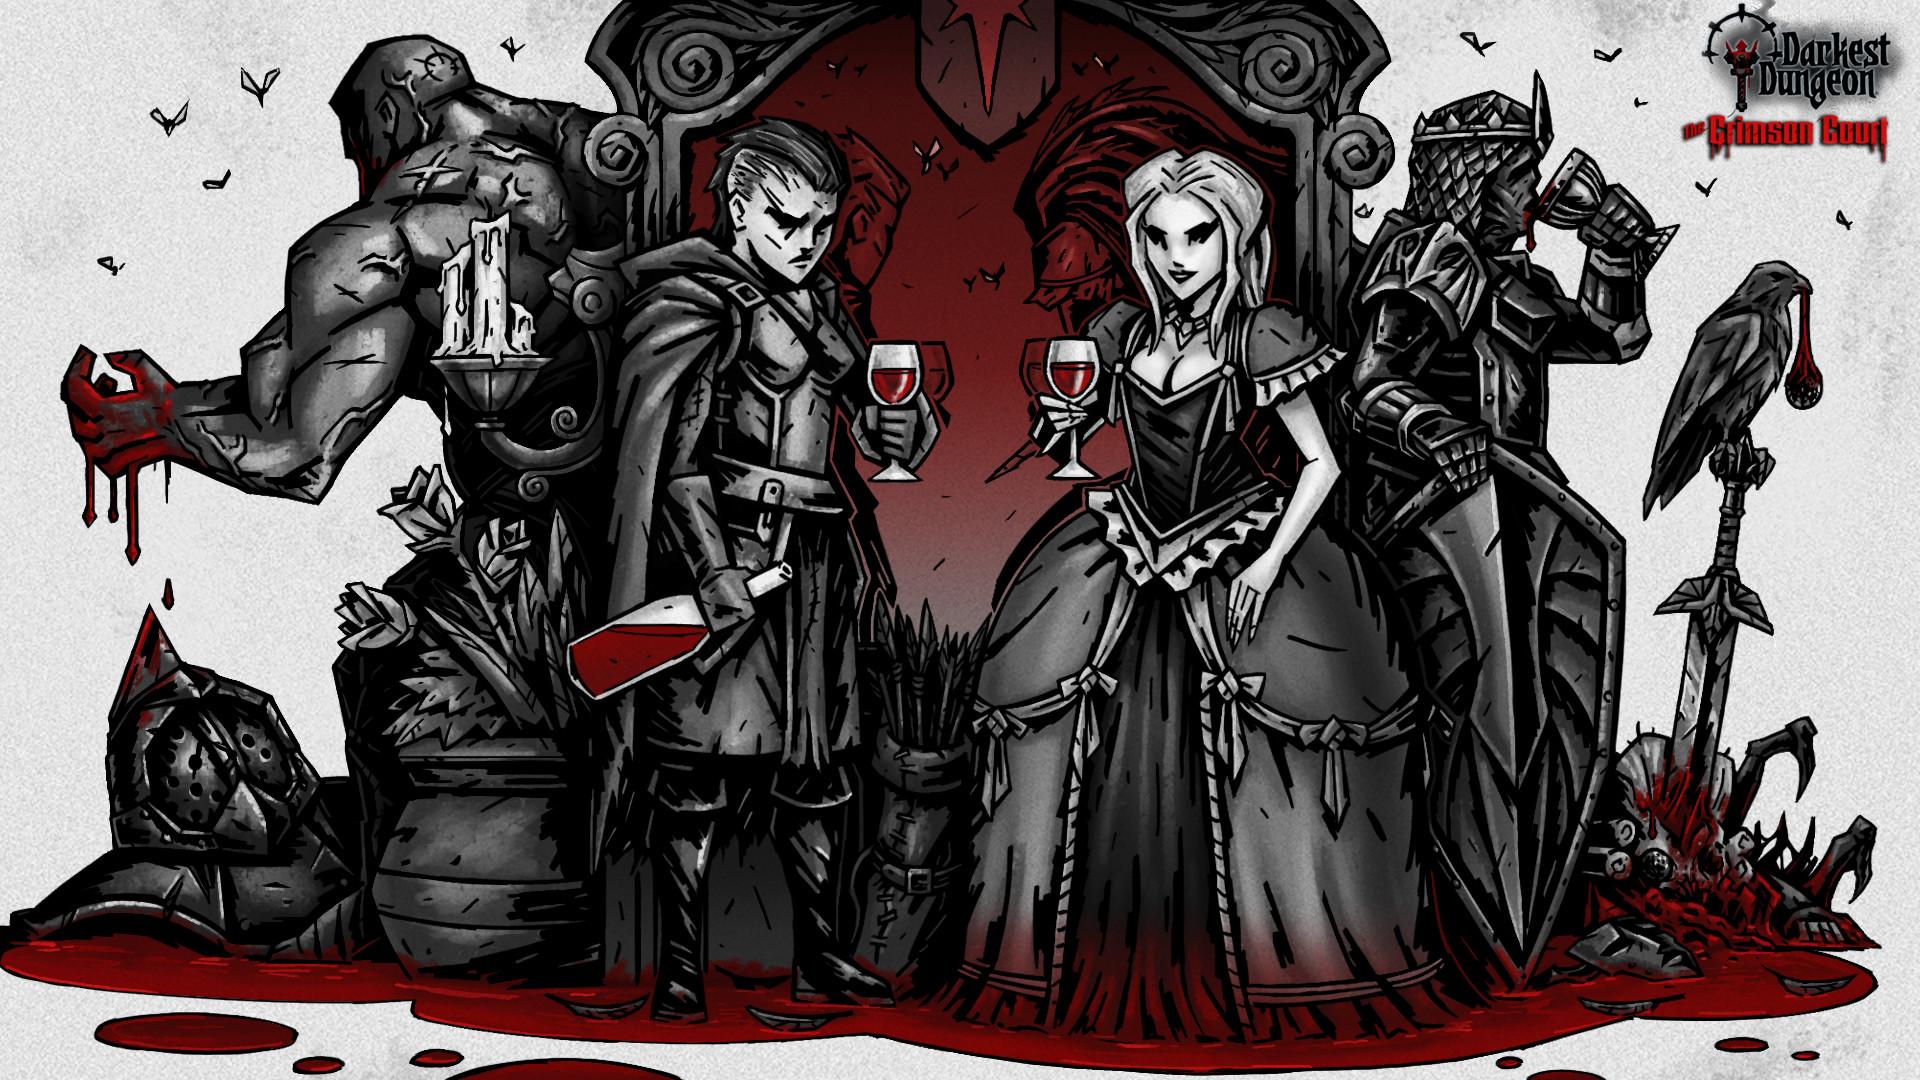 artstation darkest dungeon crimson court mod promo art